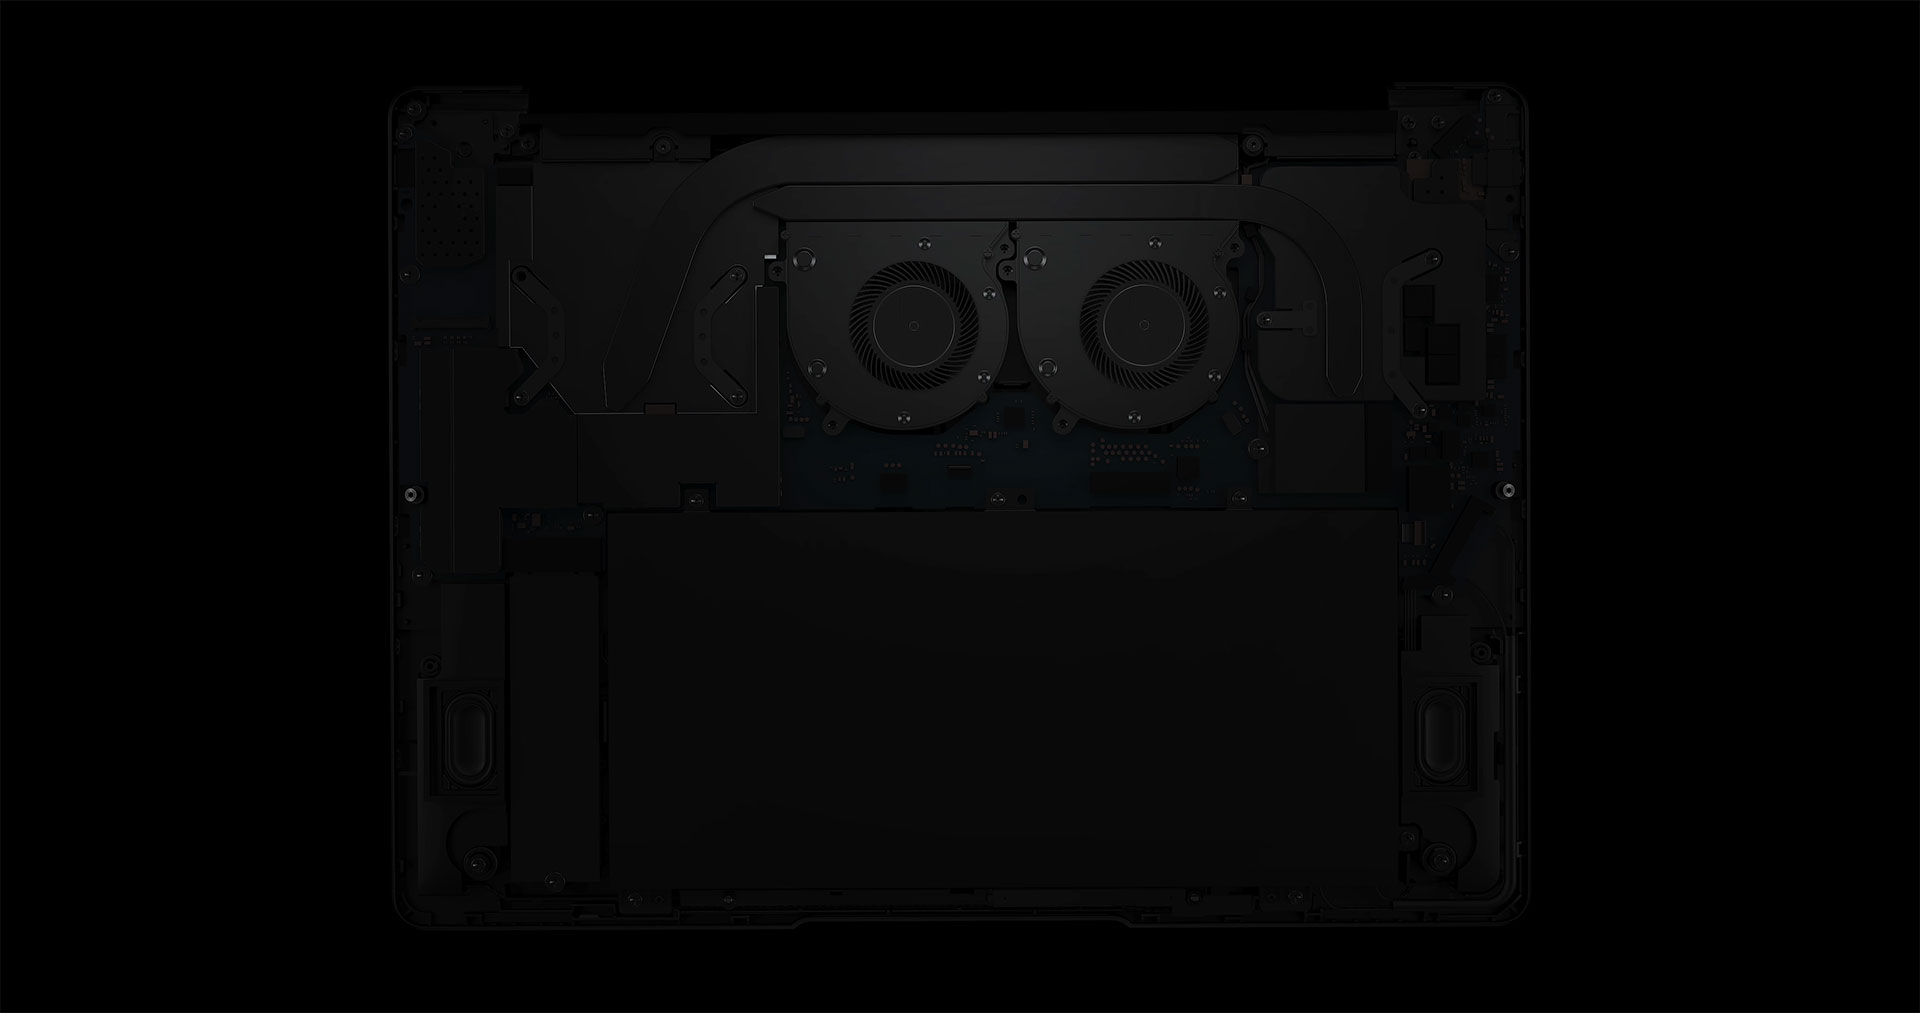 HUAWEI MateBook 13, ultra-slim laptop, blue light filter screen